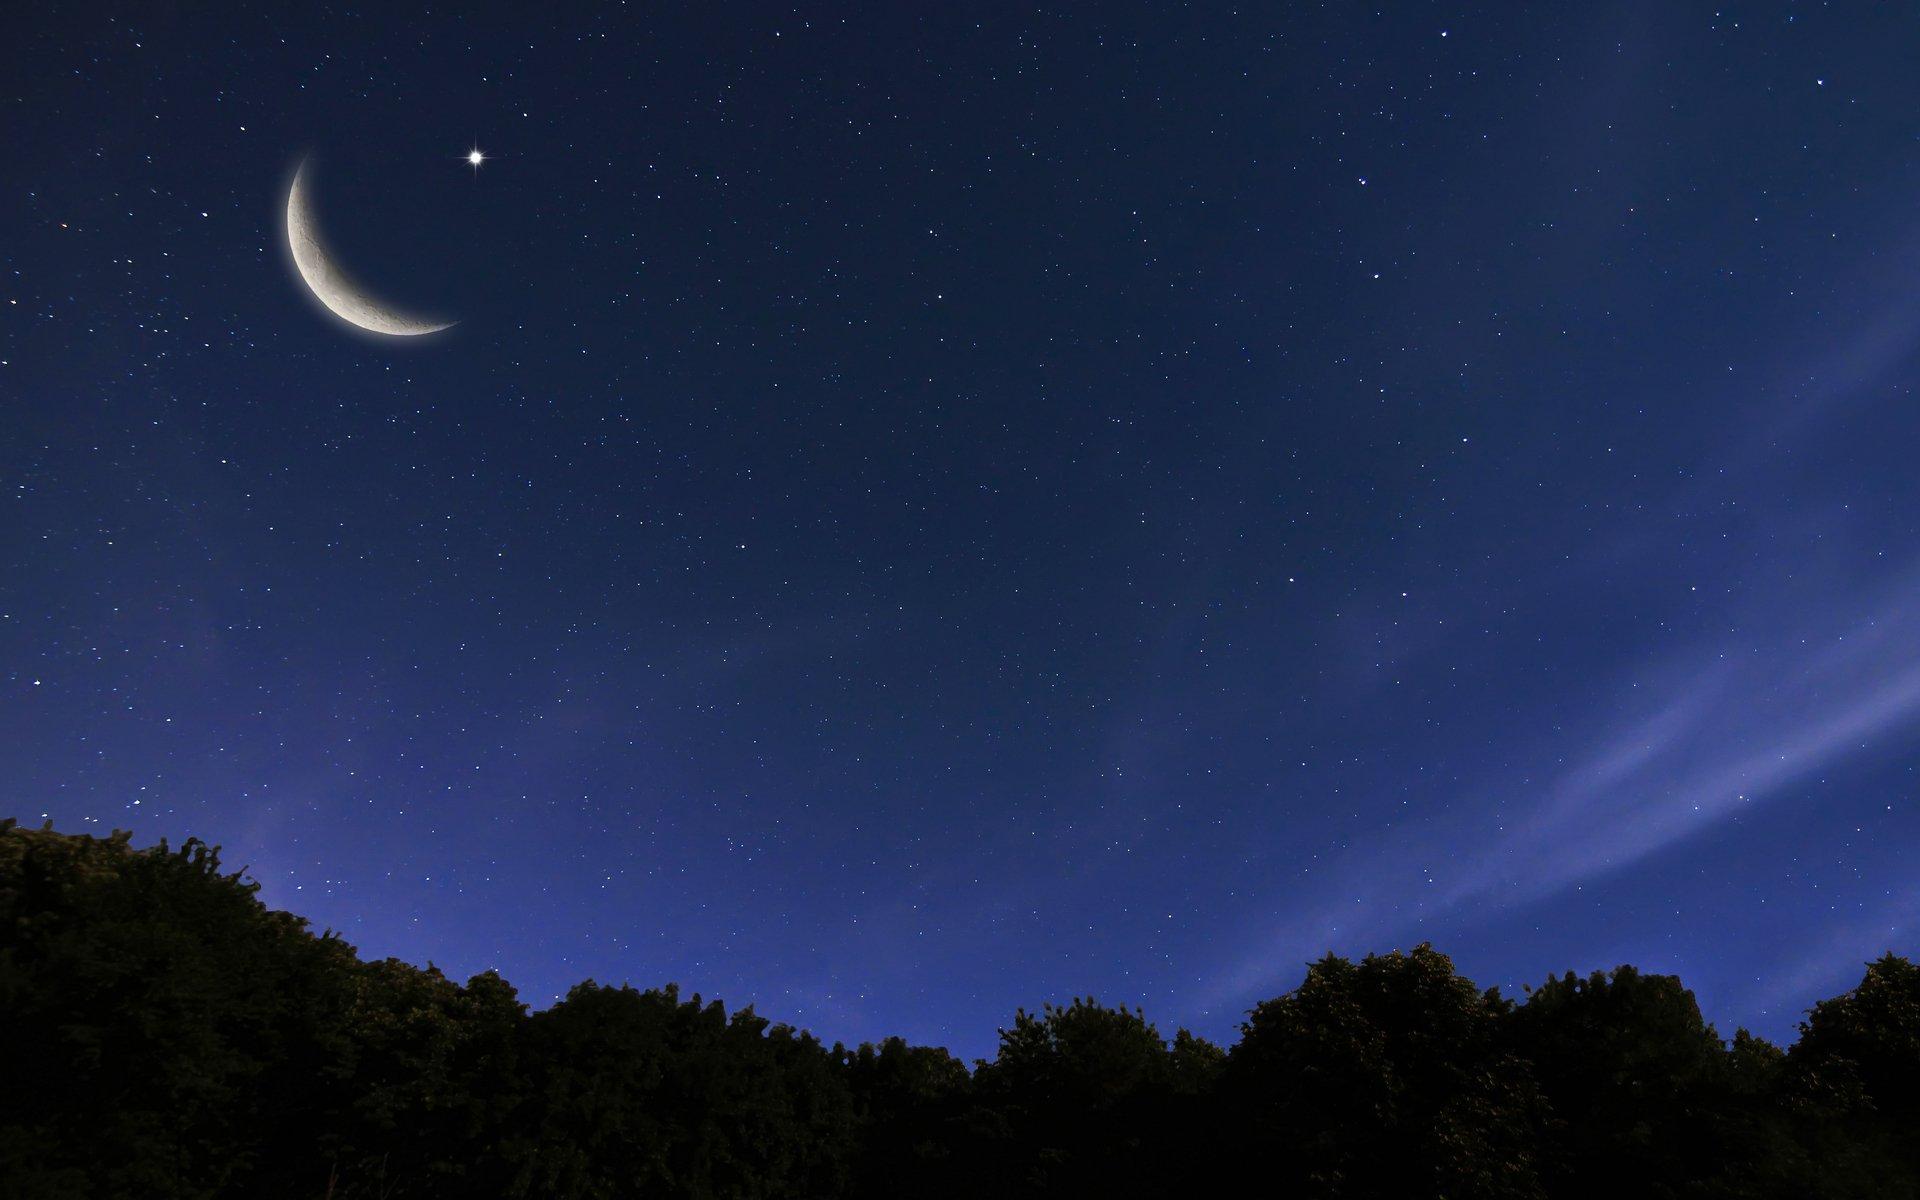 фото месяц и звезды раскатайте нарежьте узкие